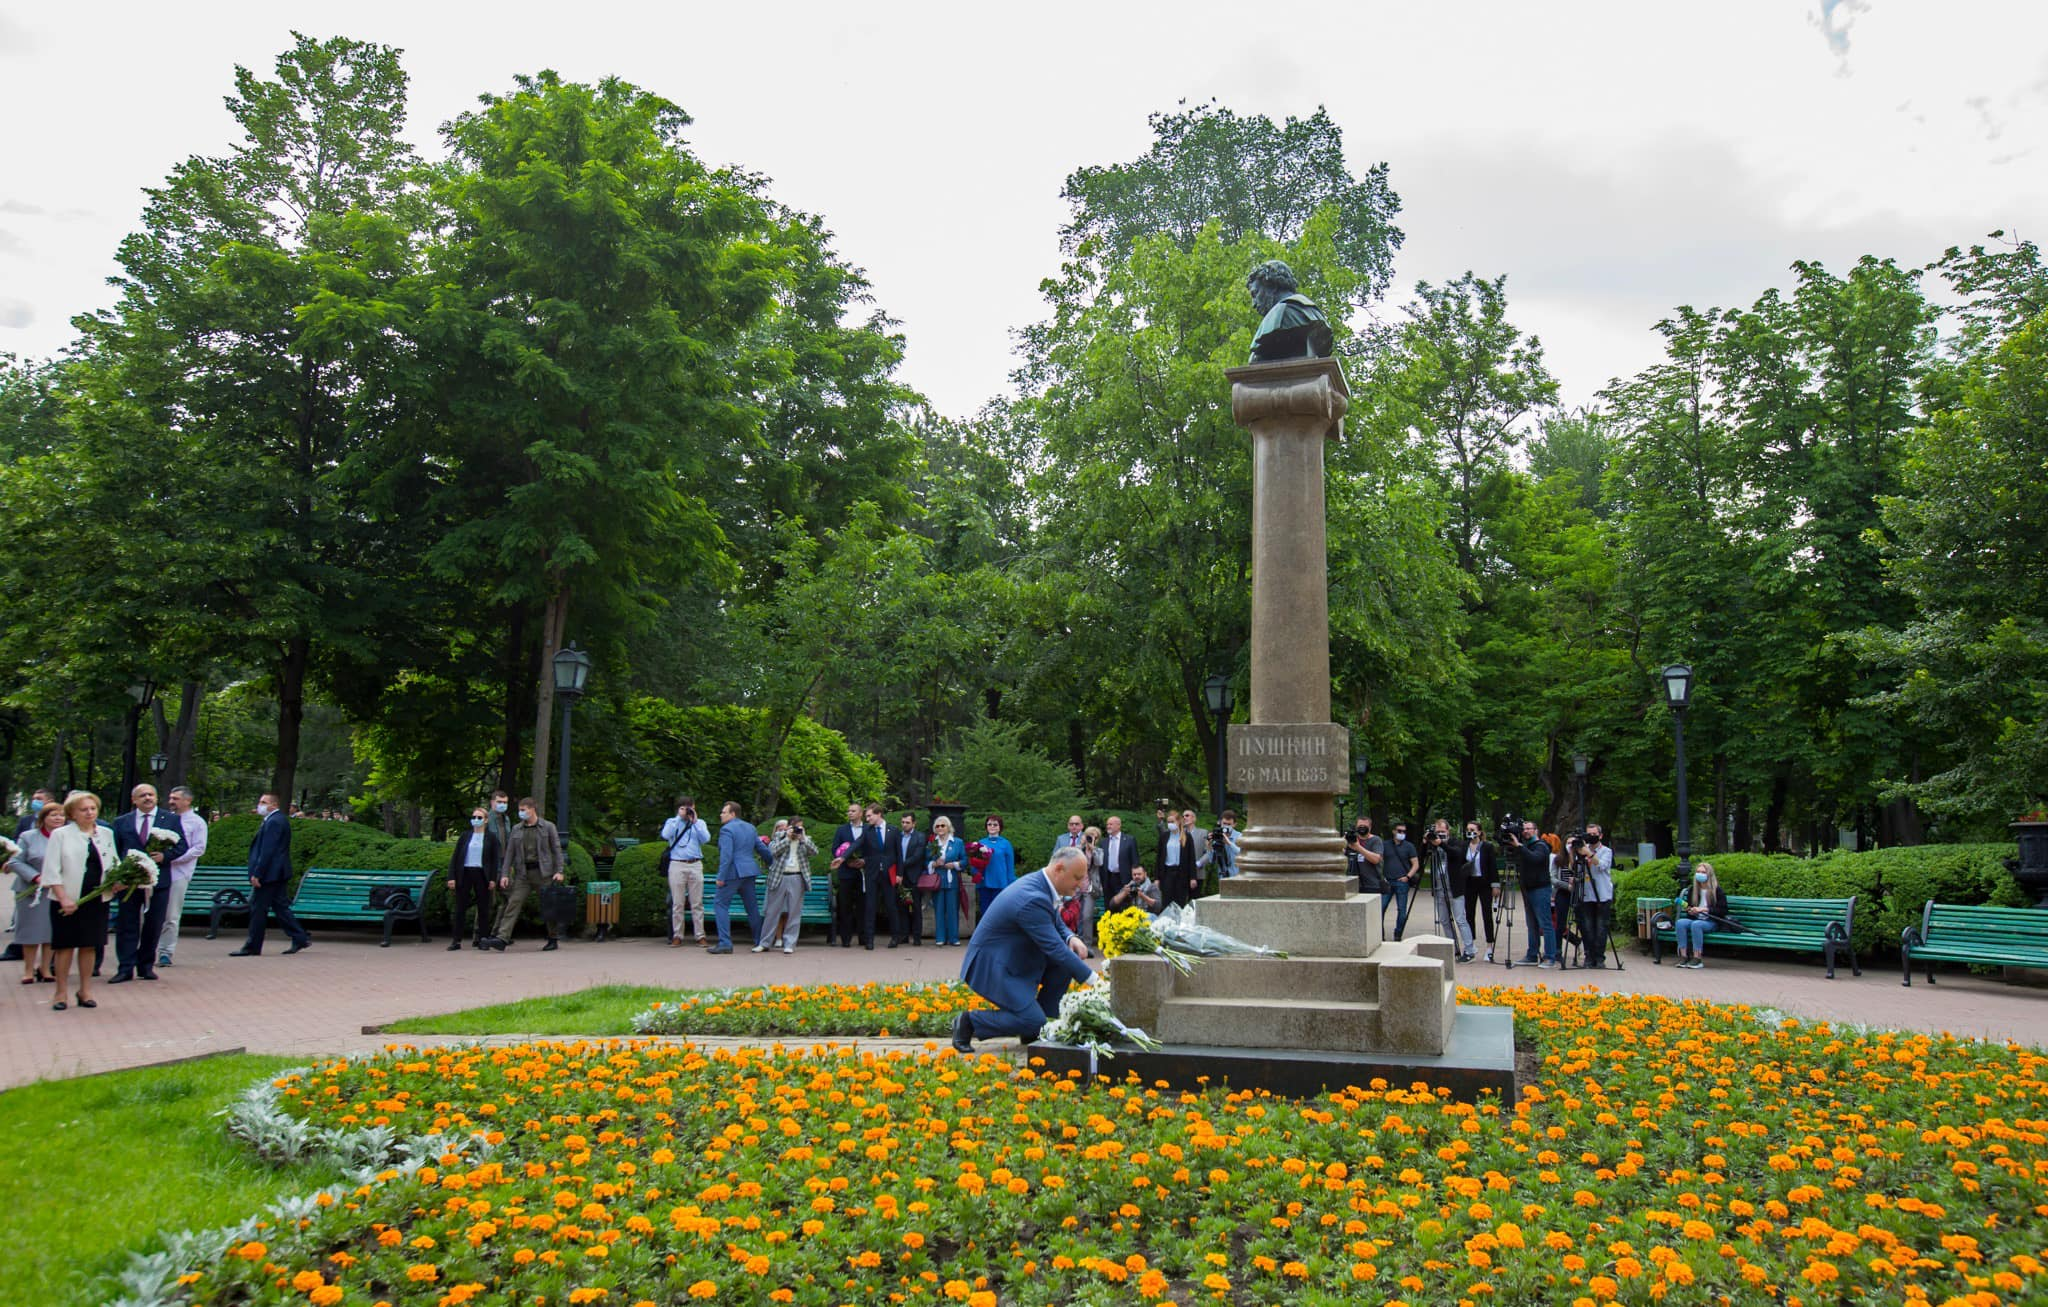 Додон: Пушкин всегда будет символизировать многовековую дружбу между Молдовой и Россией (ФОТО, ВИДЕО)